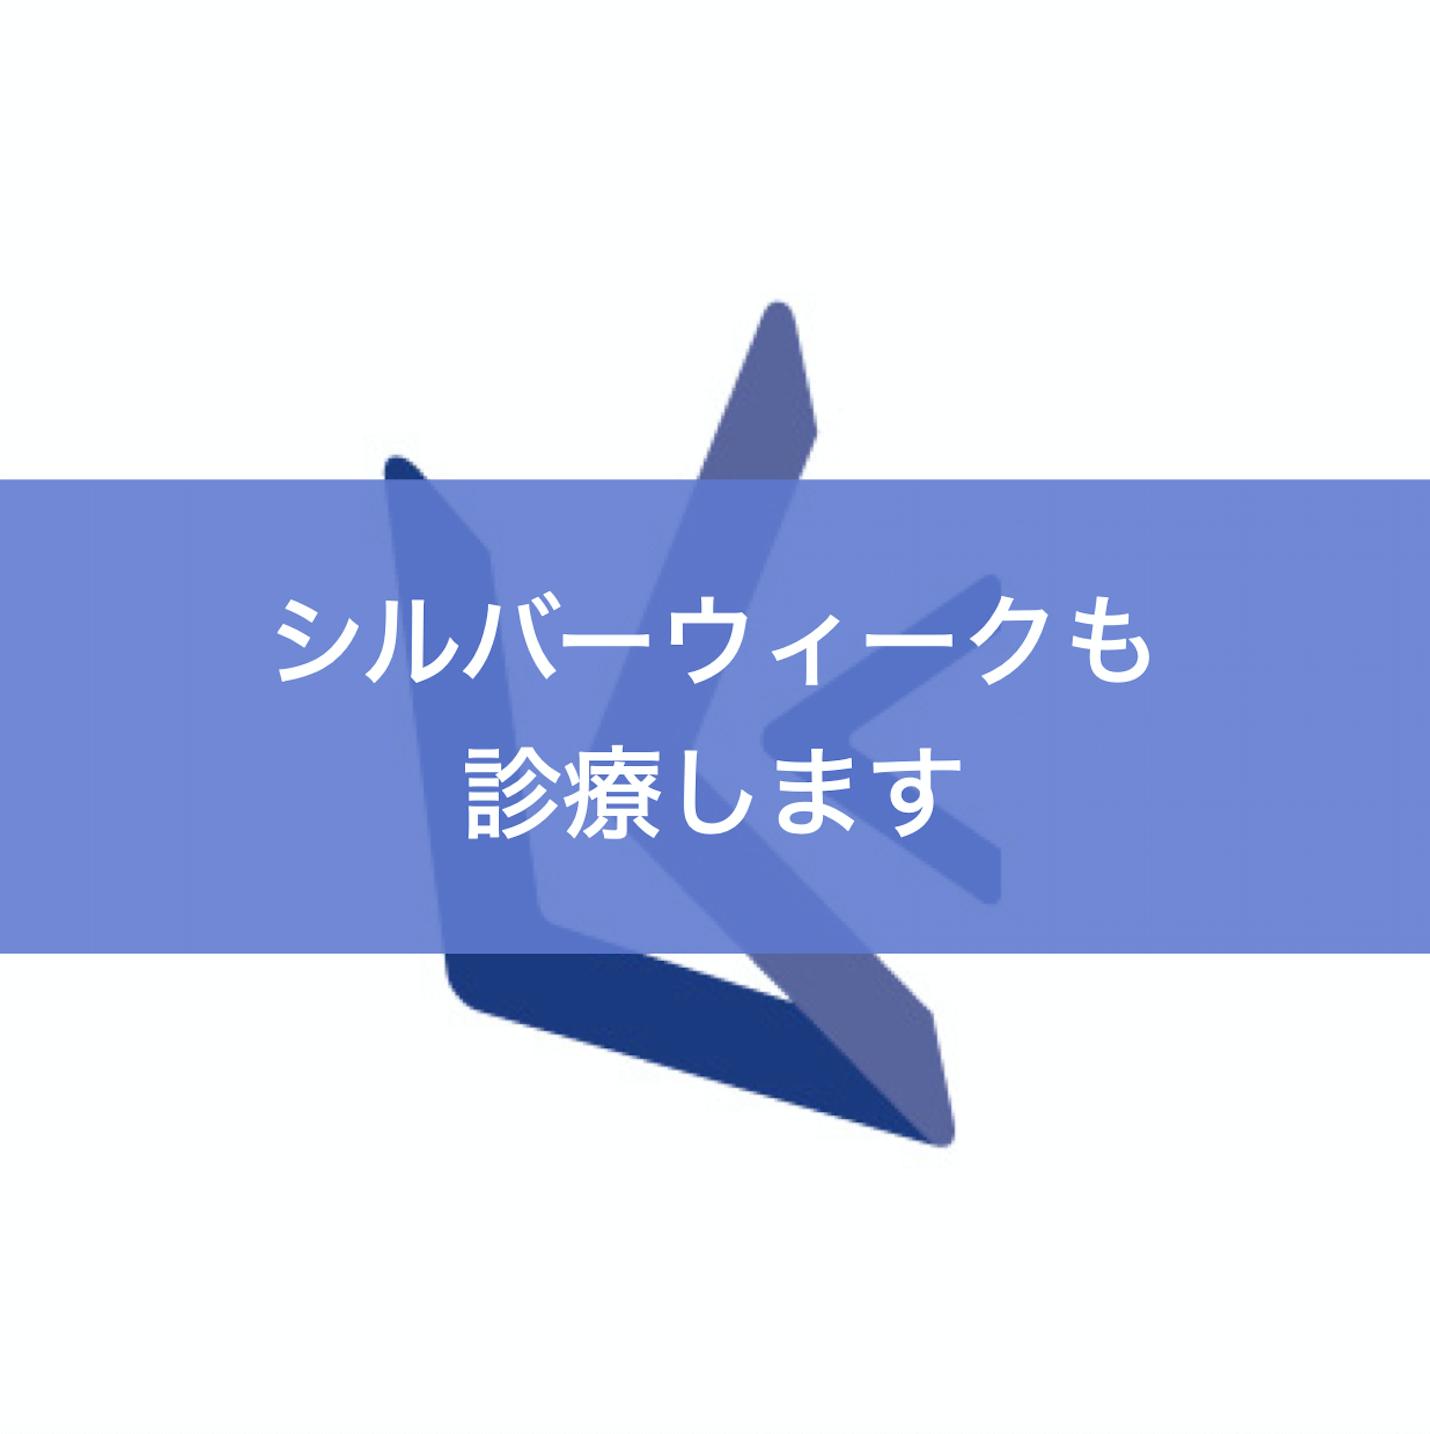 スクリーンショット 2020-09-07 9.14.46